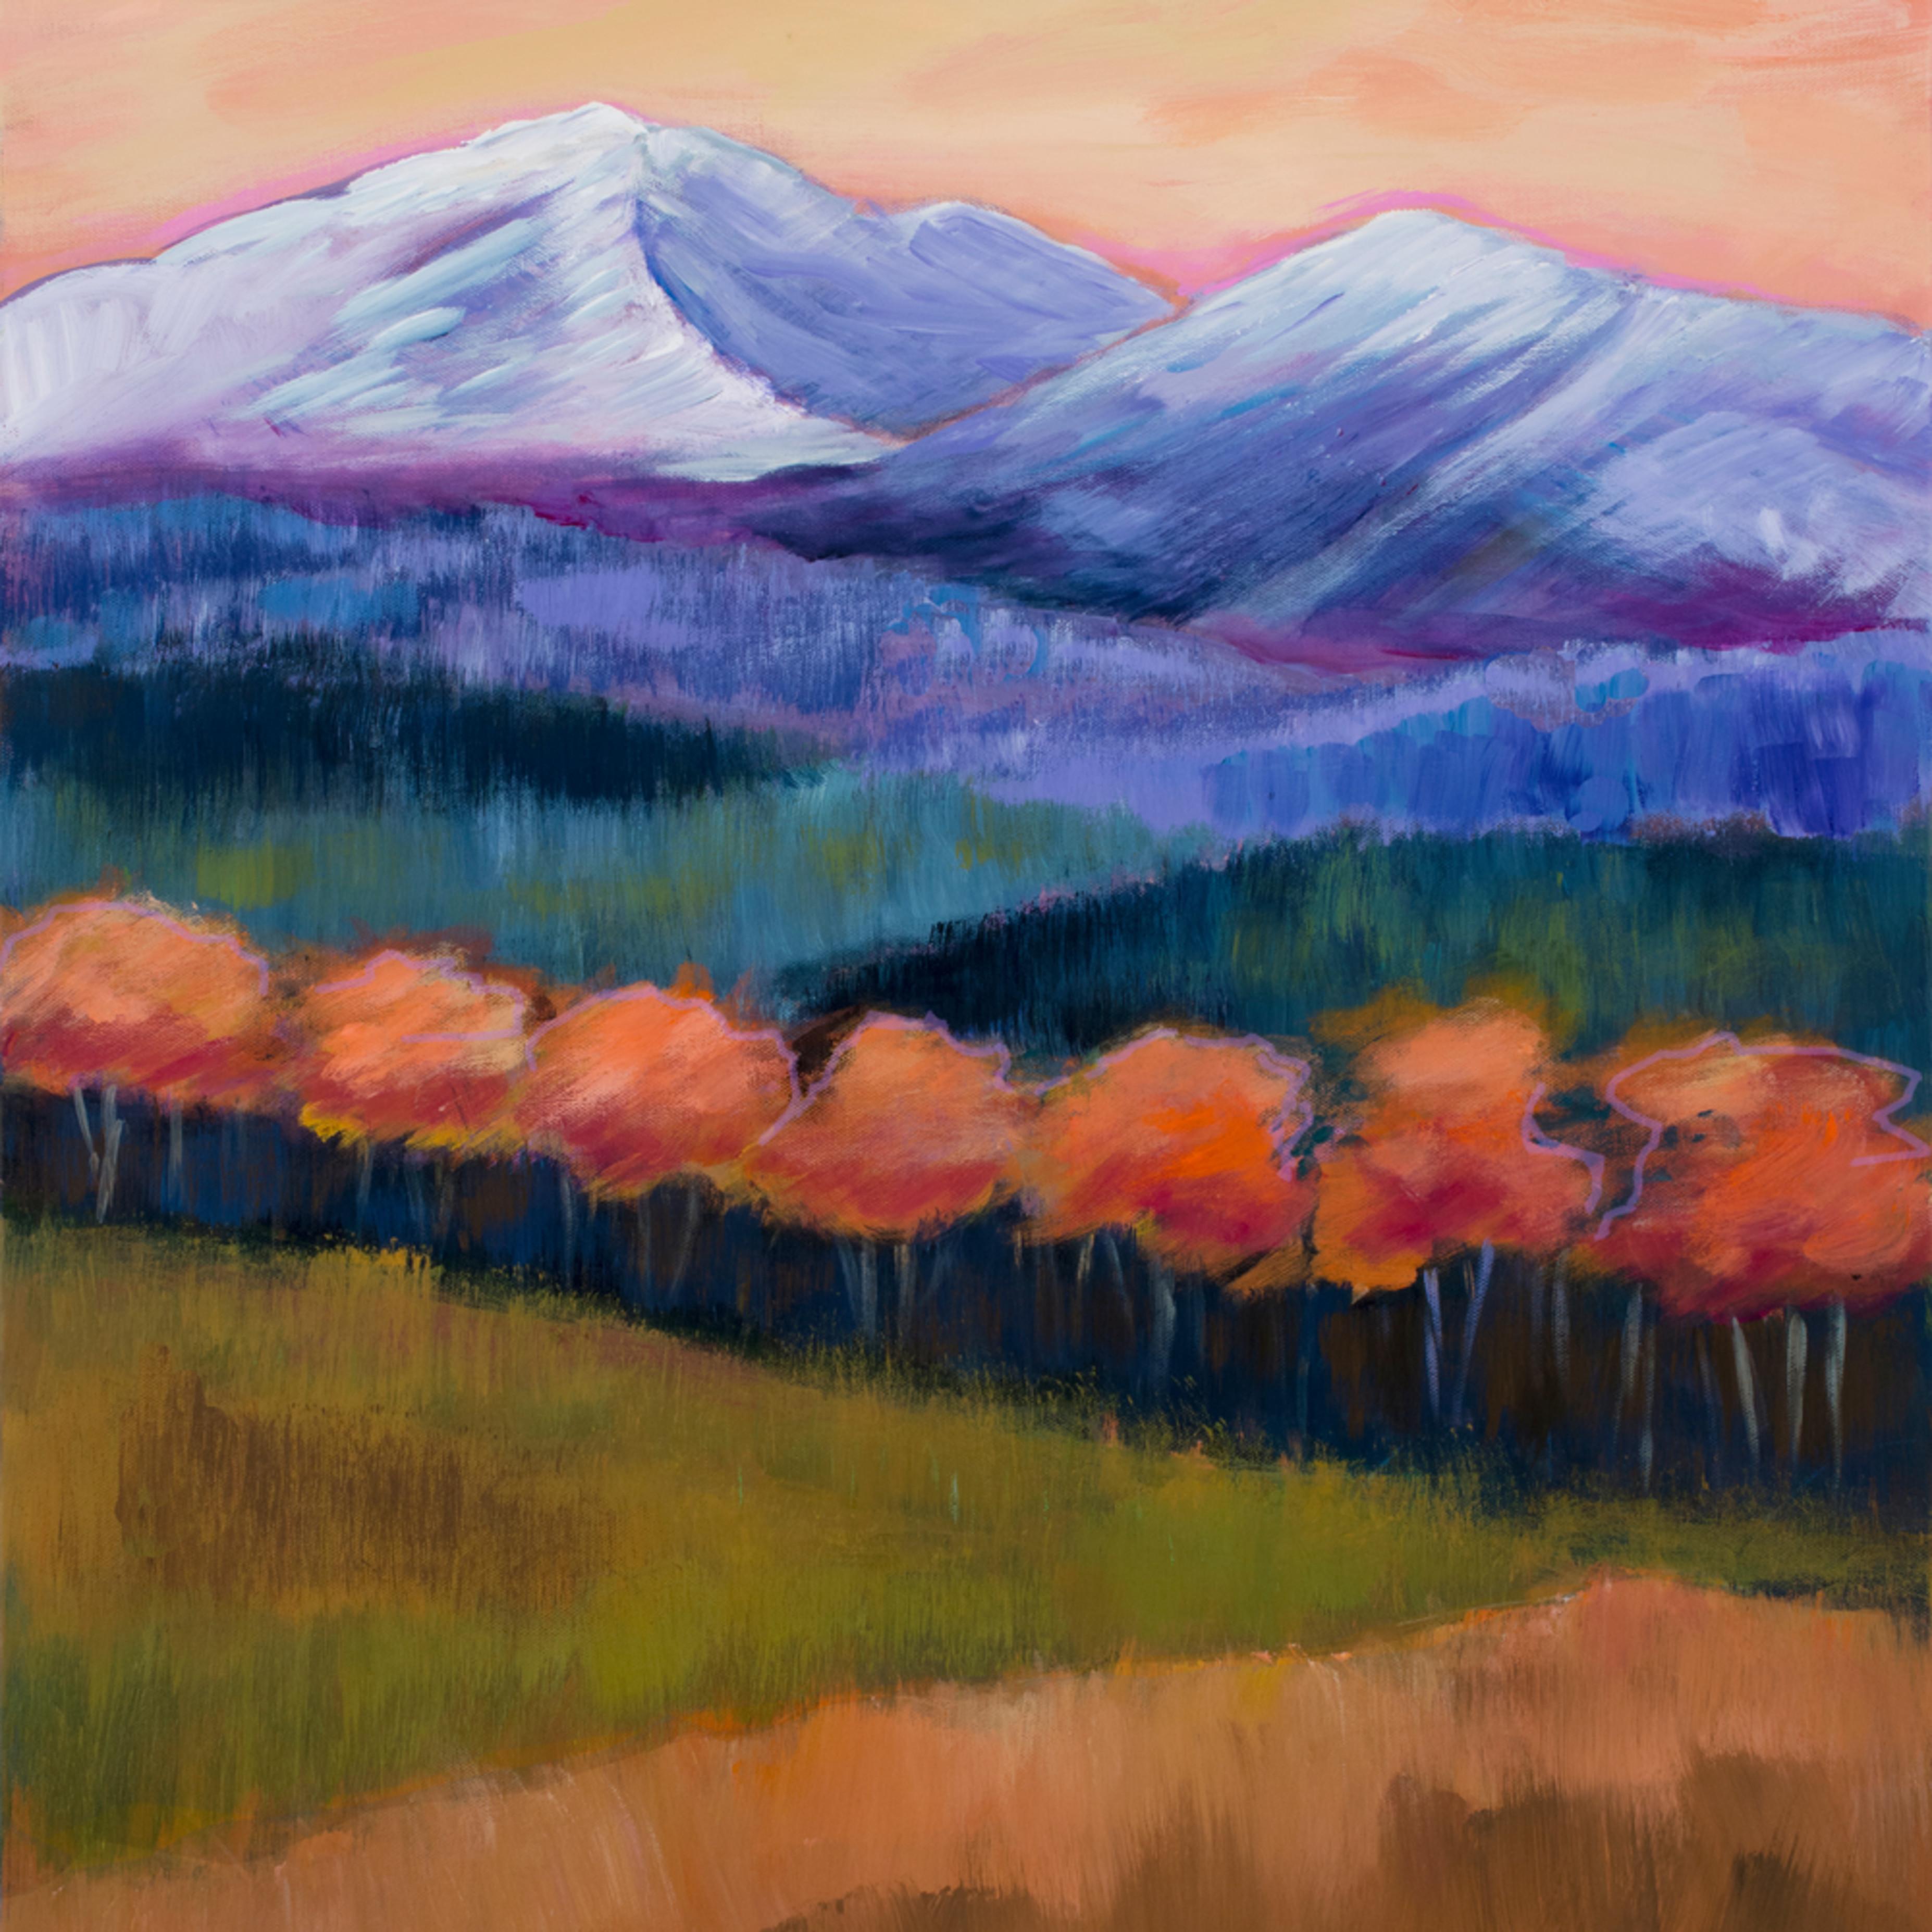 White mountains 0002 lgllun